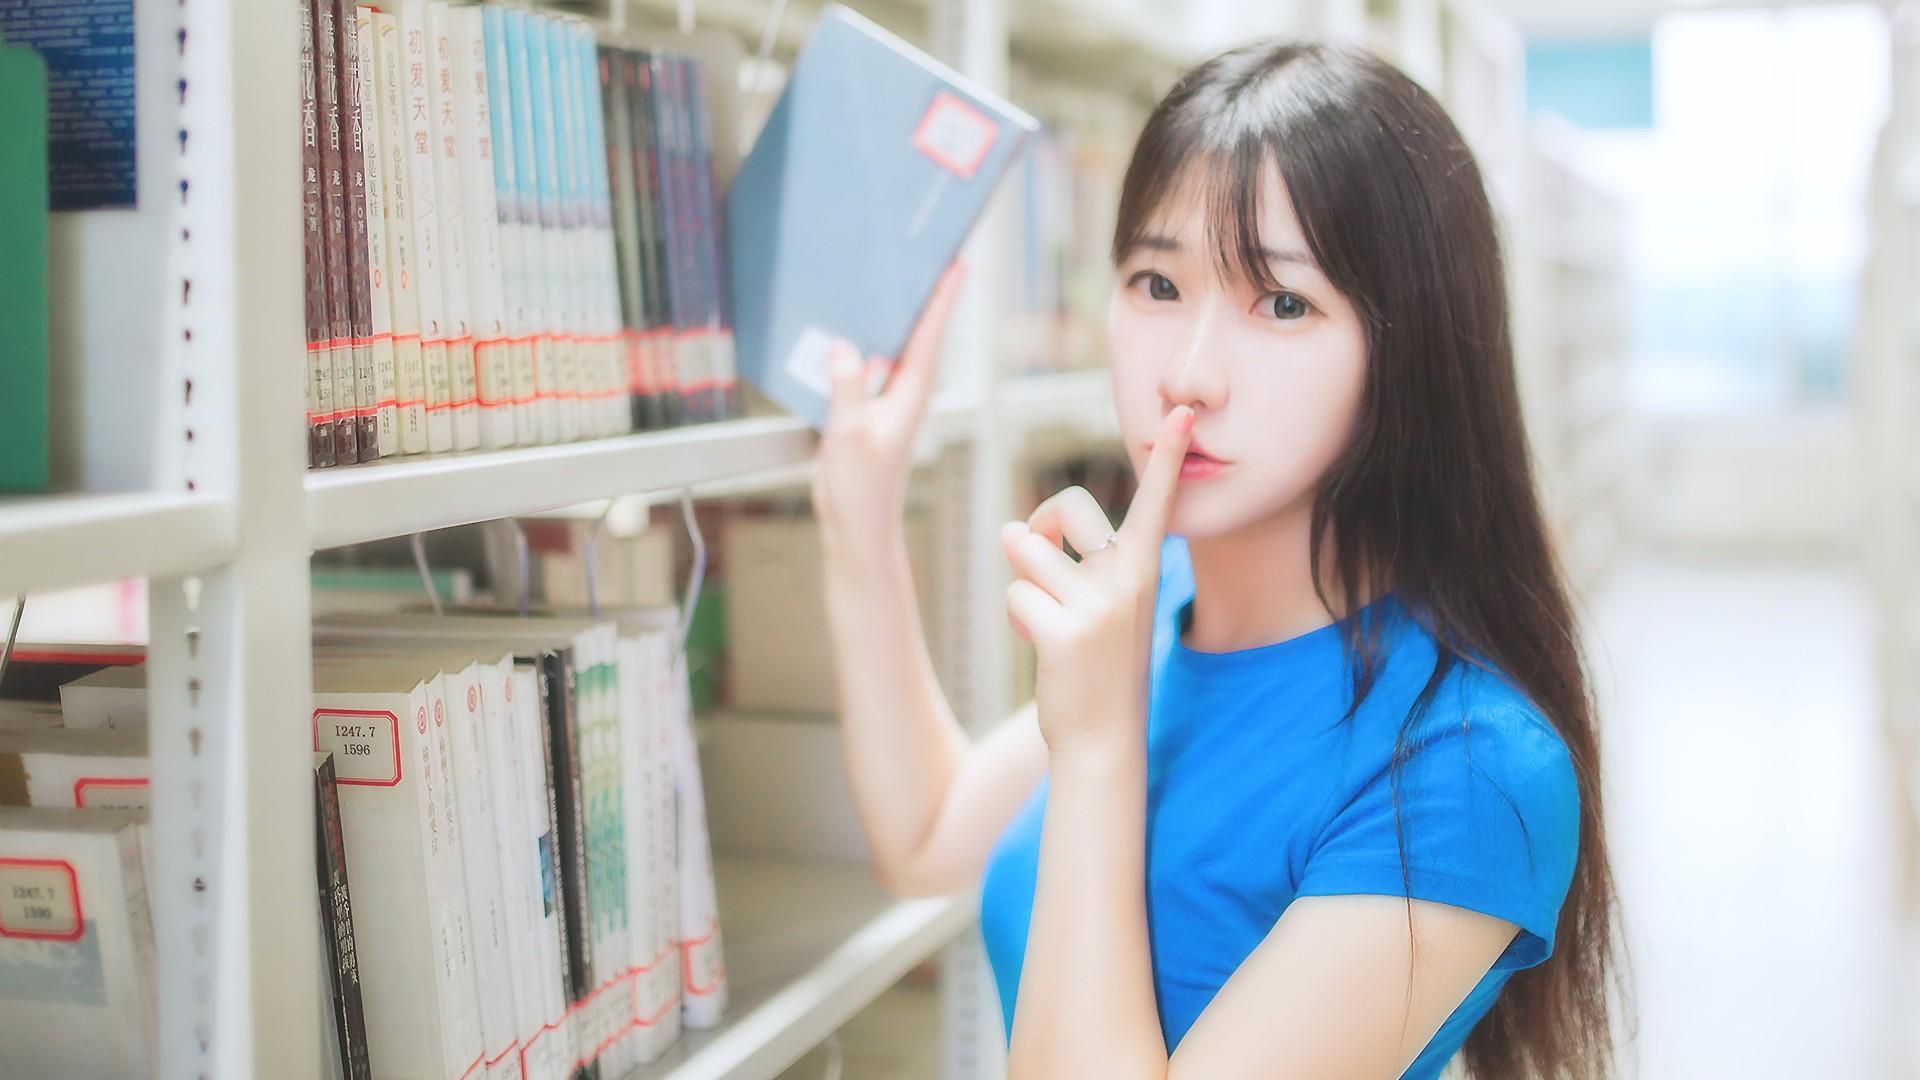 东野子乔全集:女生有这三个表现,别白费功夫了!